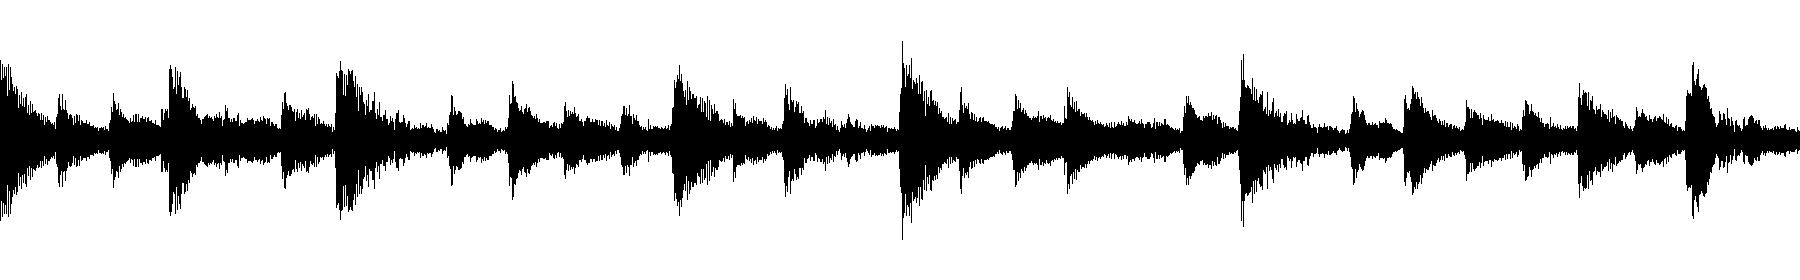 92 c pianotexture sp 01